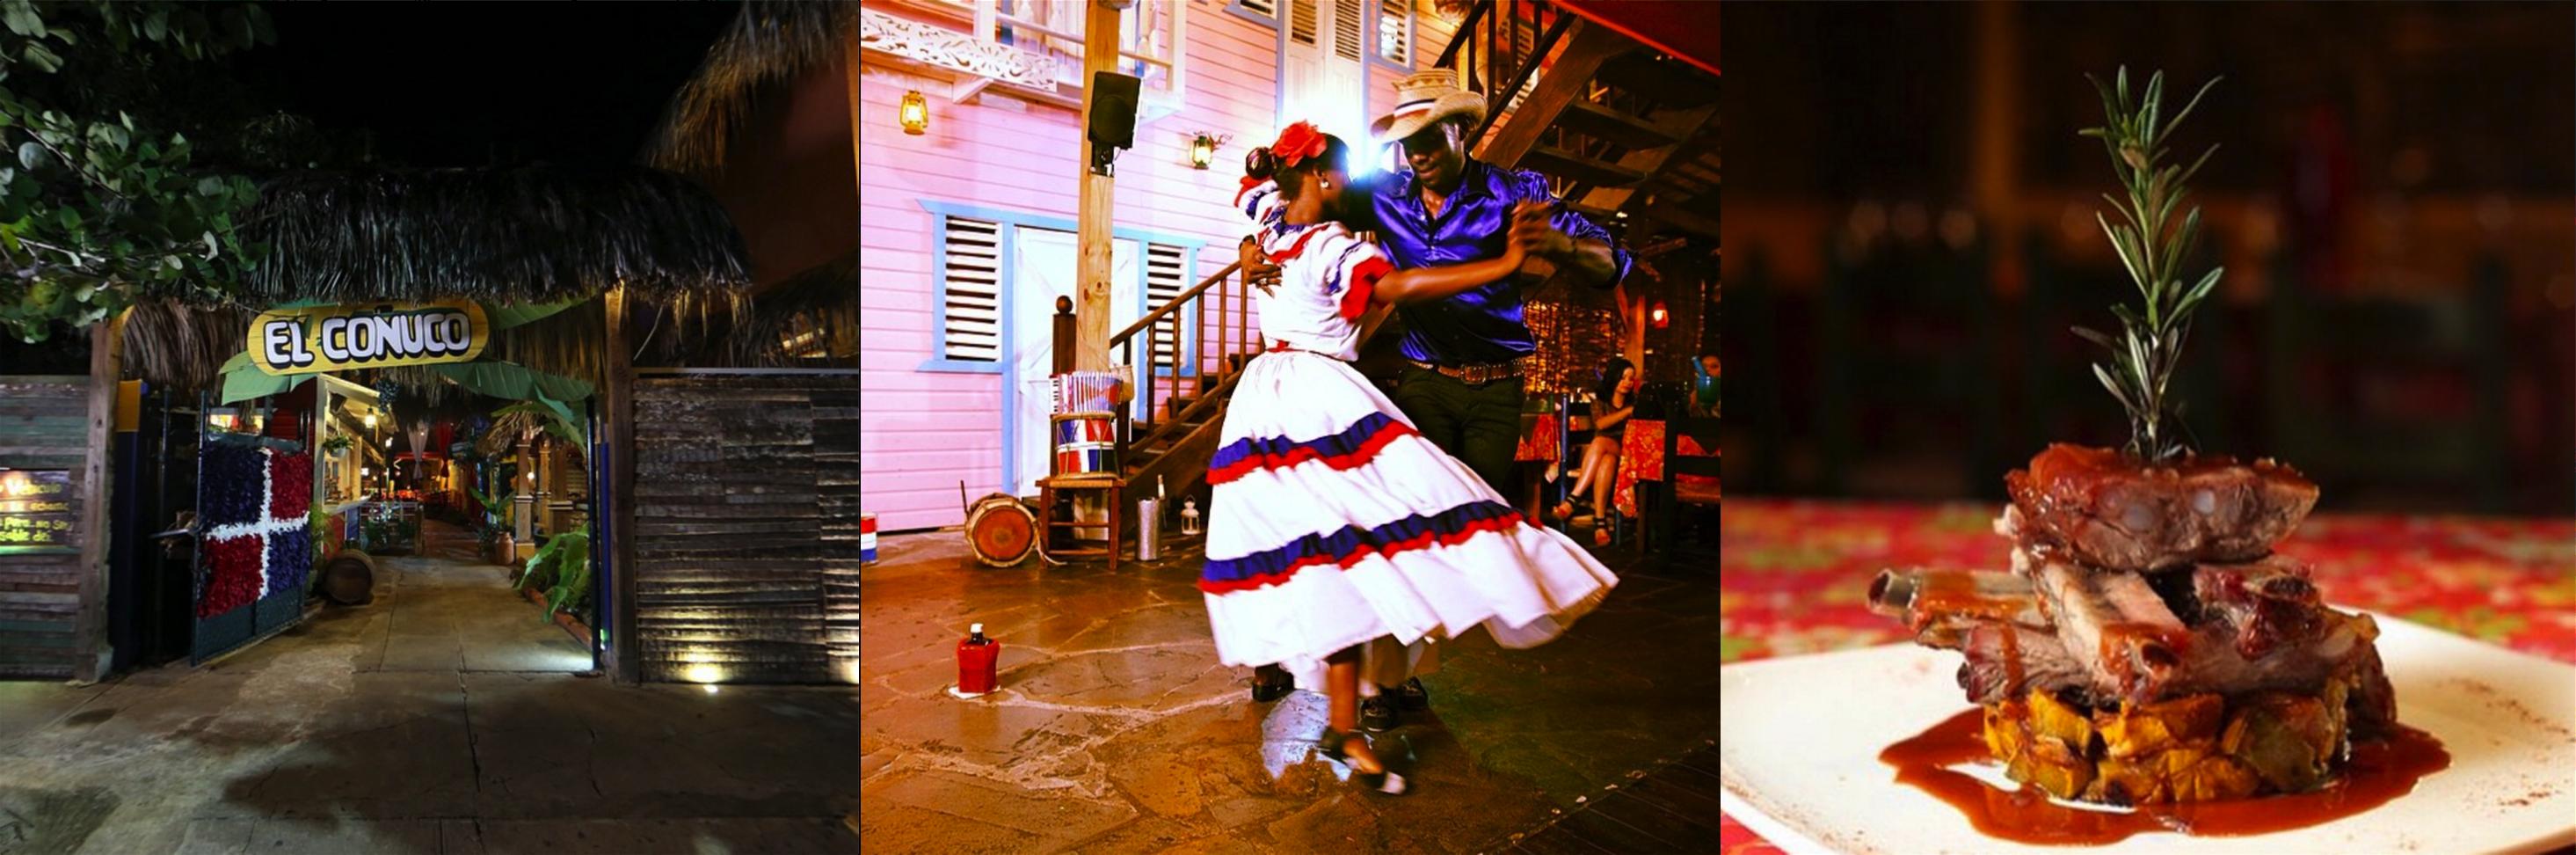 Restaurante típico dominicano El Conuco - Santo Domingo